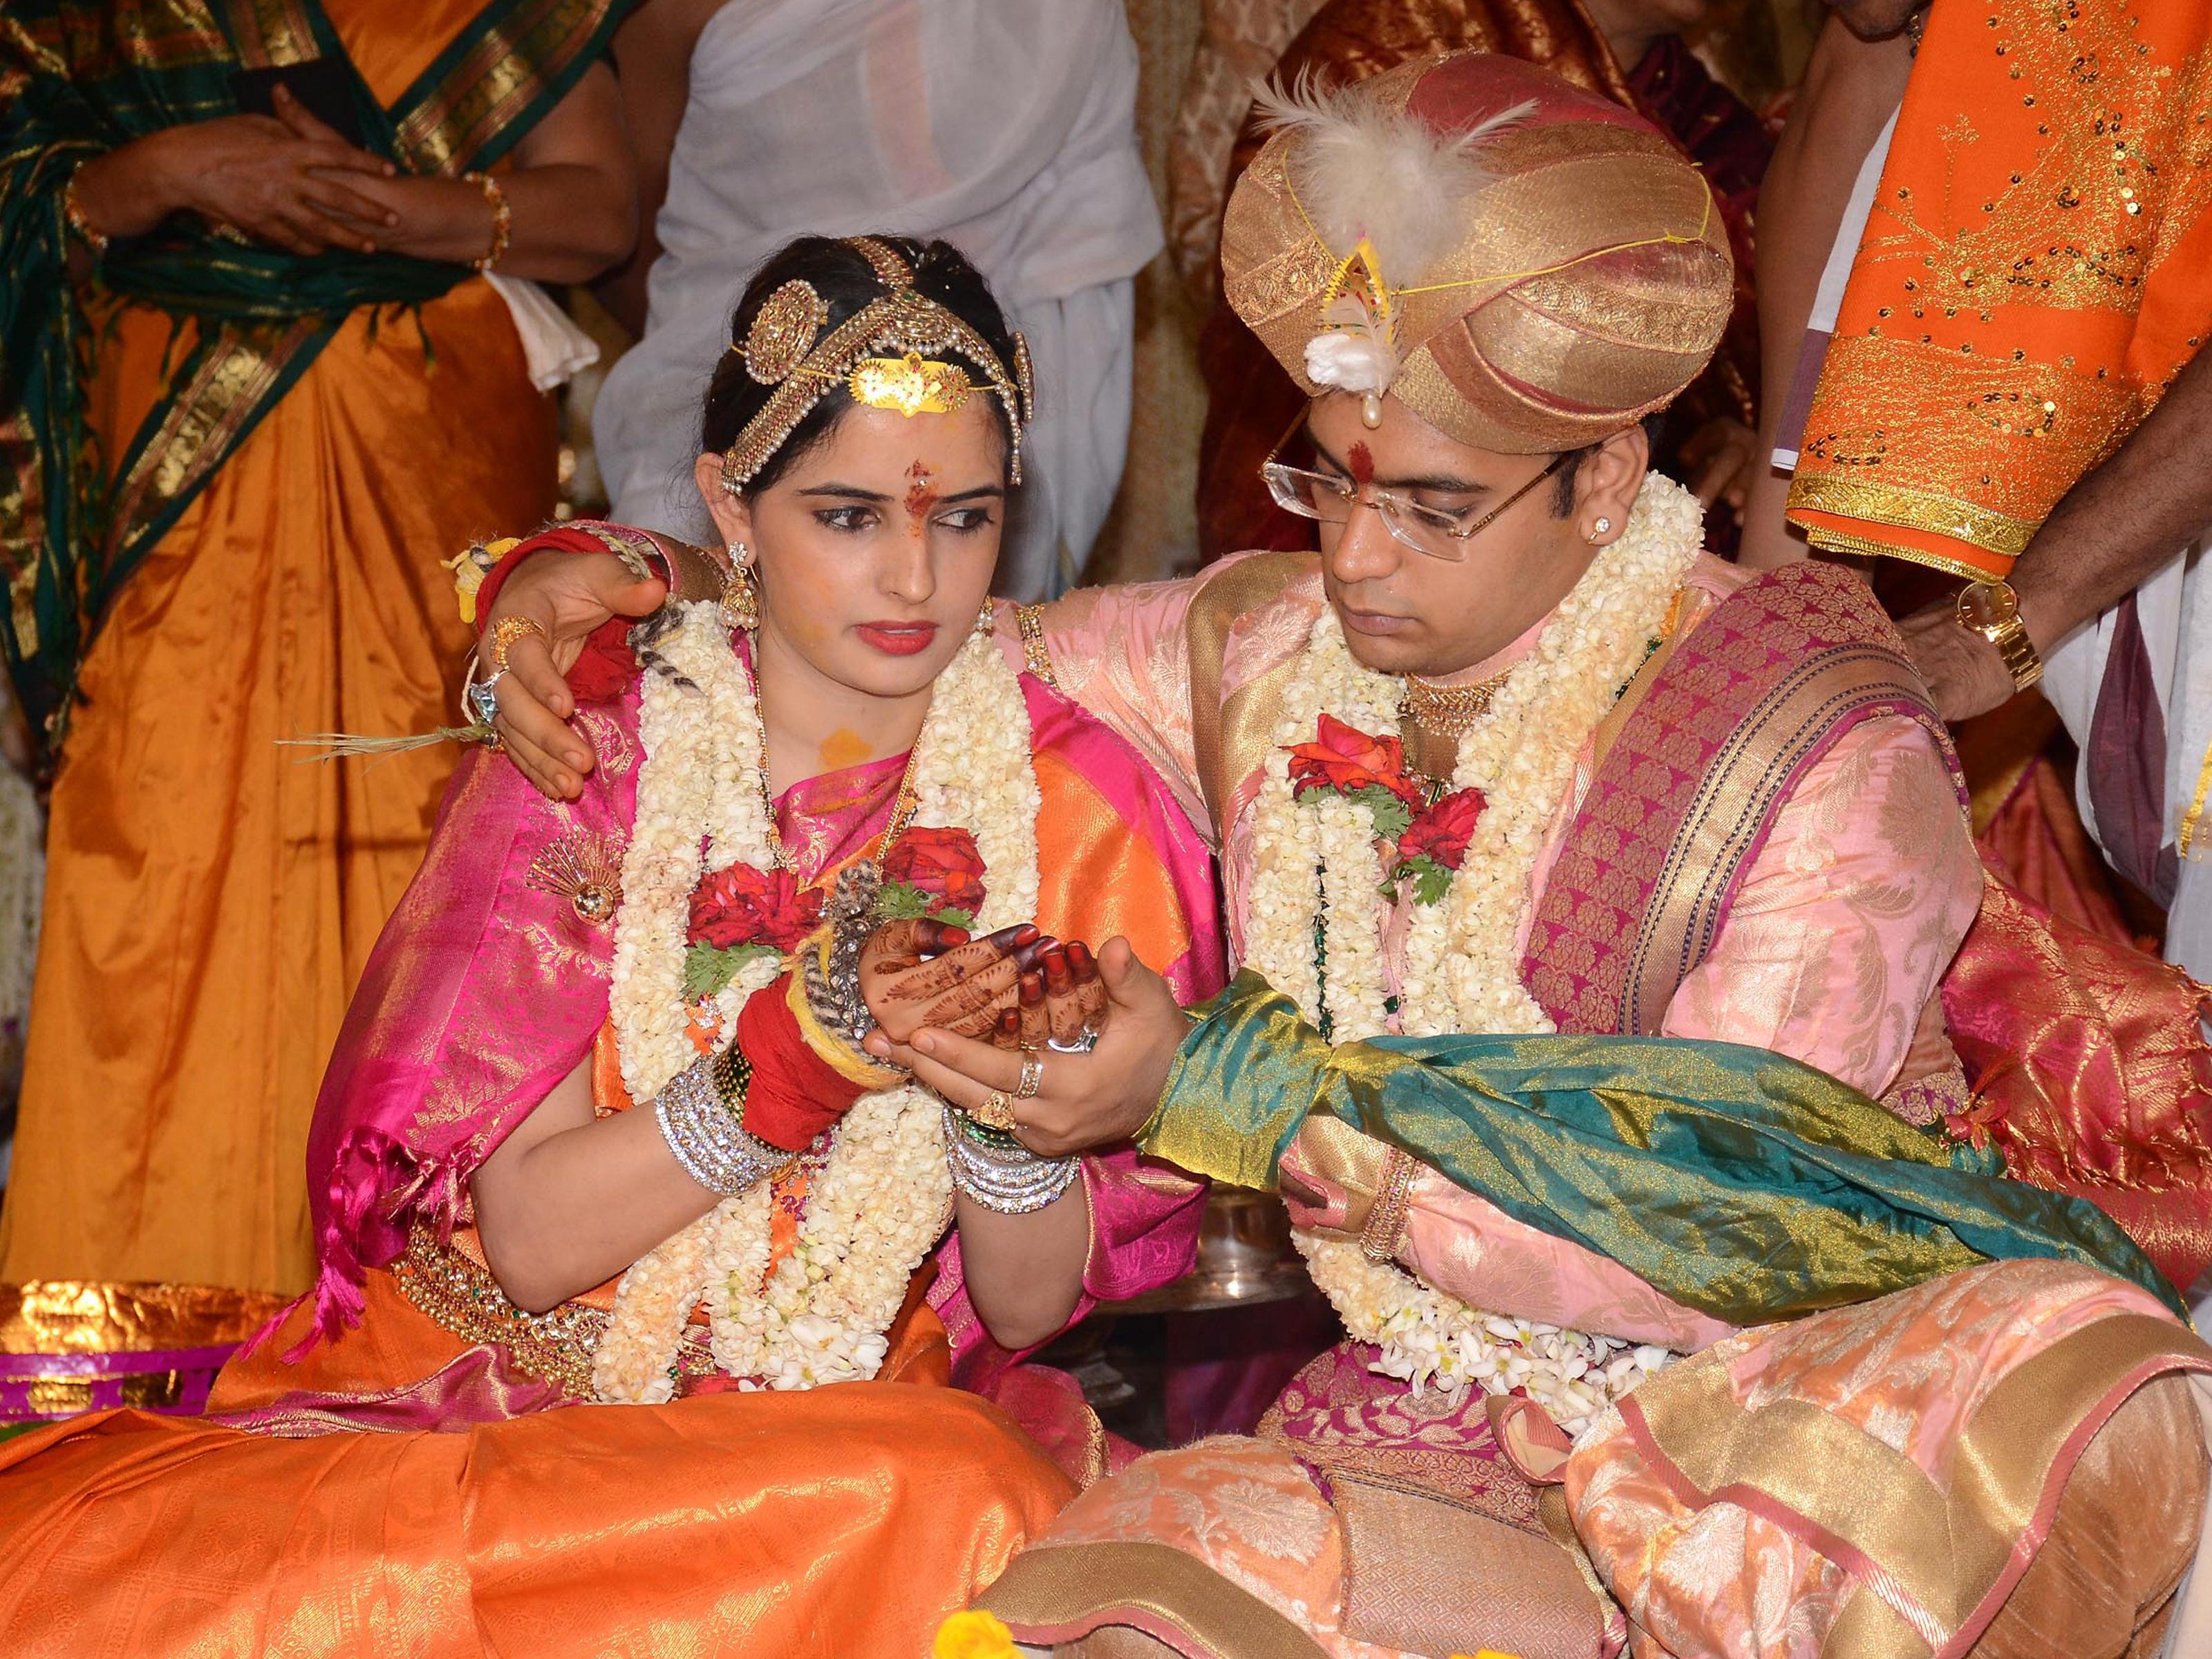 Seit langer Zeit gab es wieder eine Hochzeit dieser mächtigen Dynastie